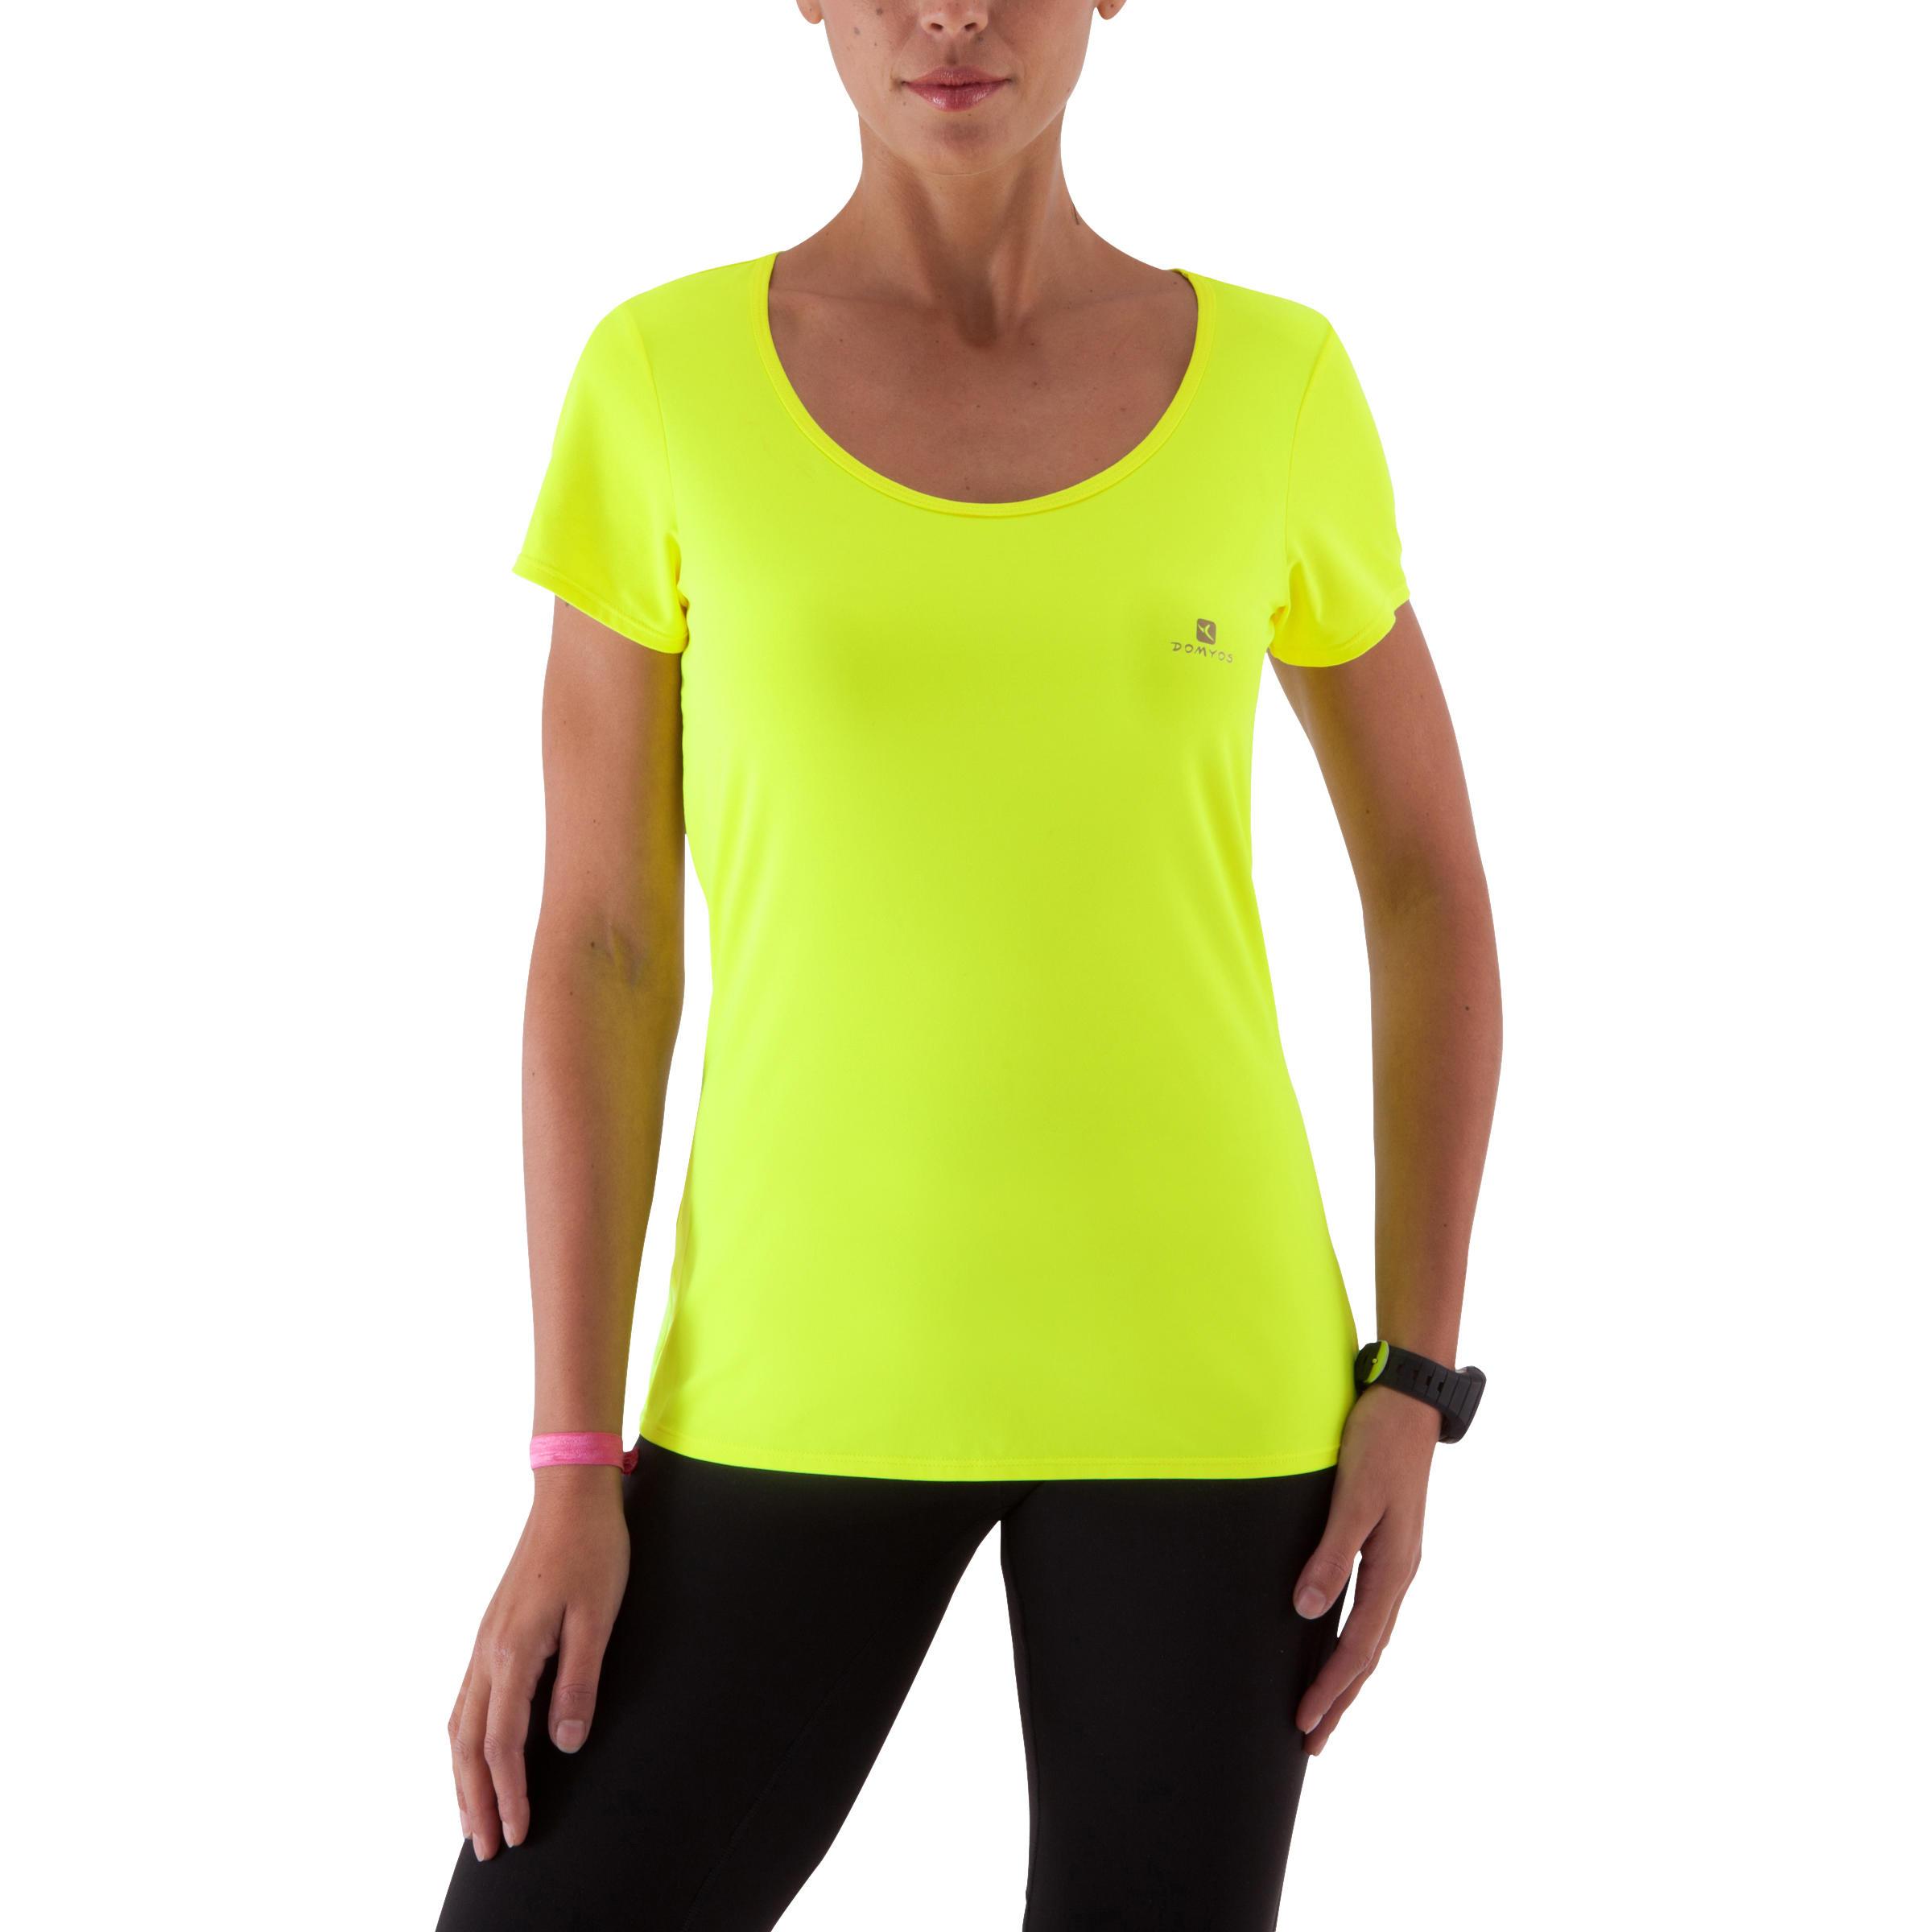 Fitness Jaune T Shirt Energy Fluo Femme tQhrdxsC